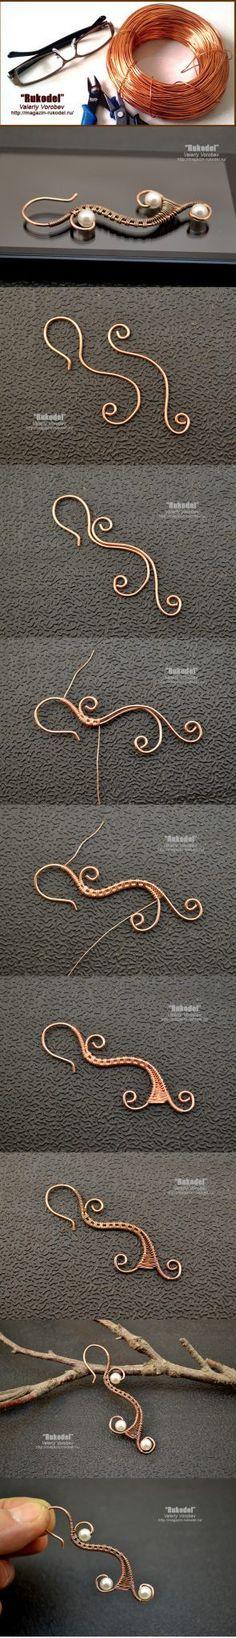 13 wiring wrapping diy jewelry - YS Edu Sky